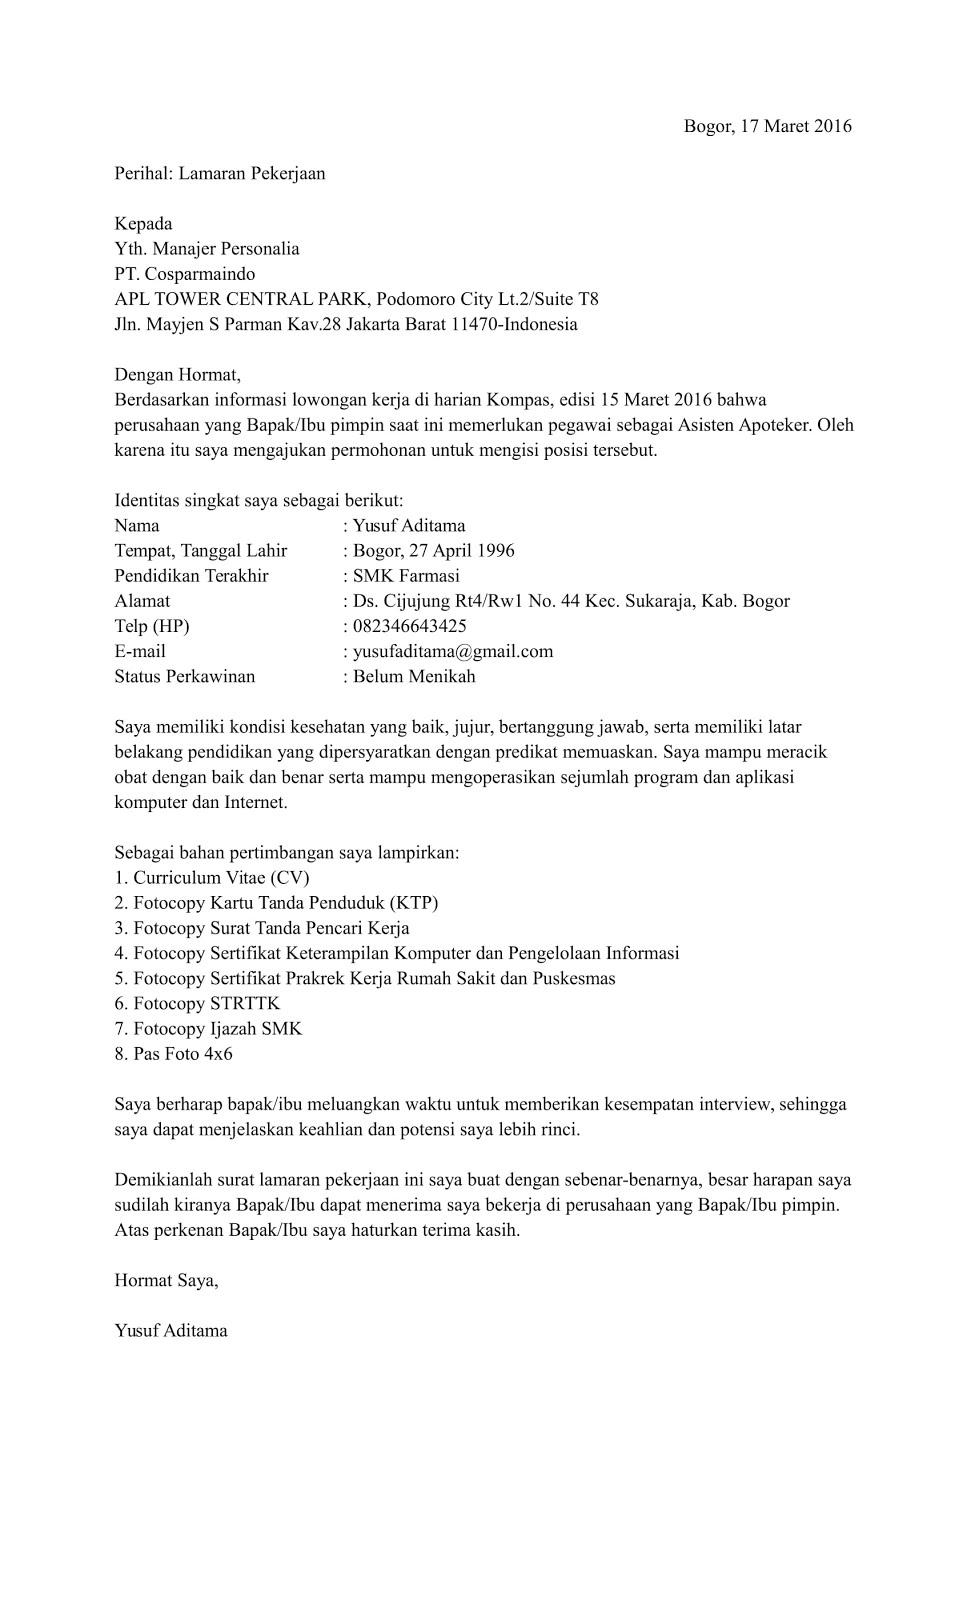 Contoh Surat Lamaran Kerja Di Rumah Sakit Contoh Surat T